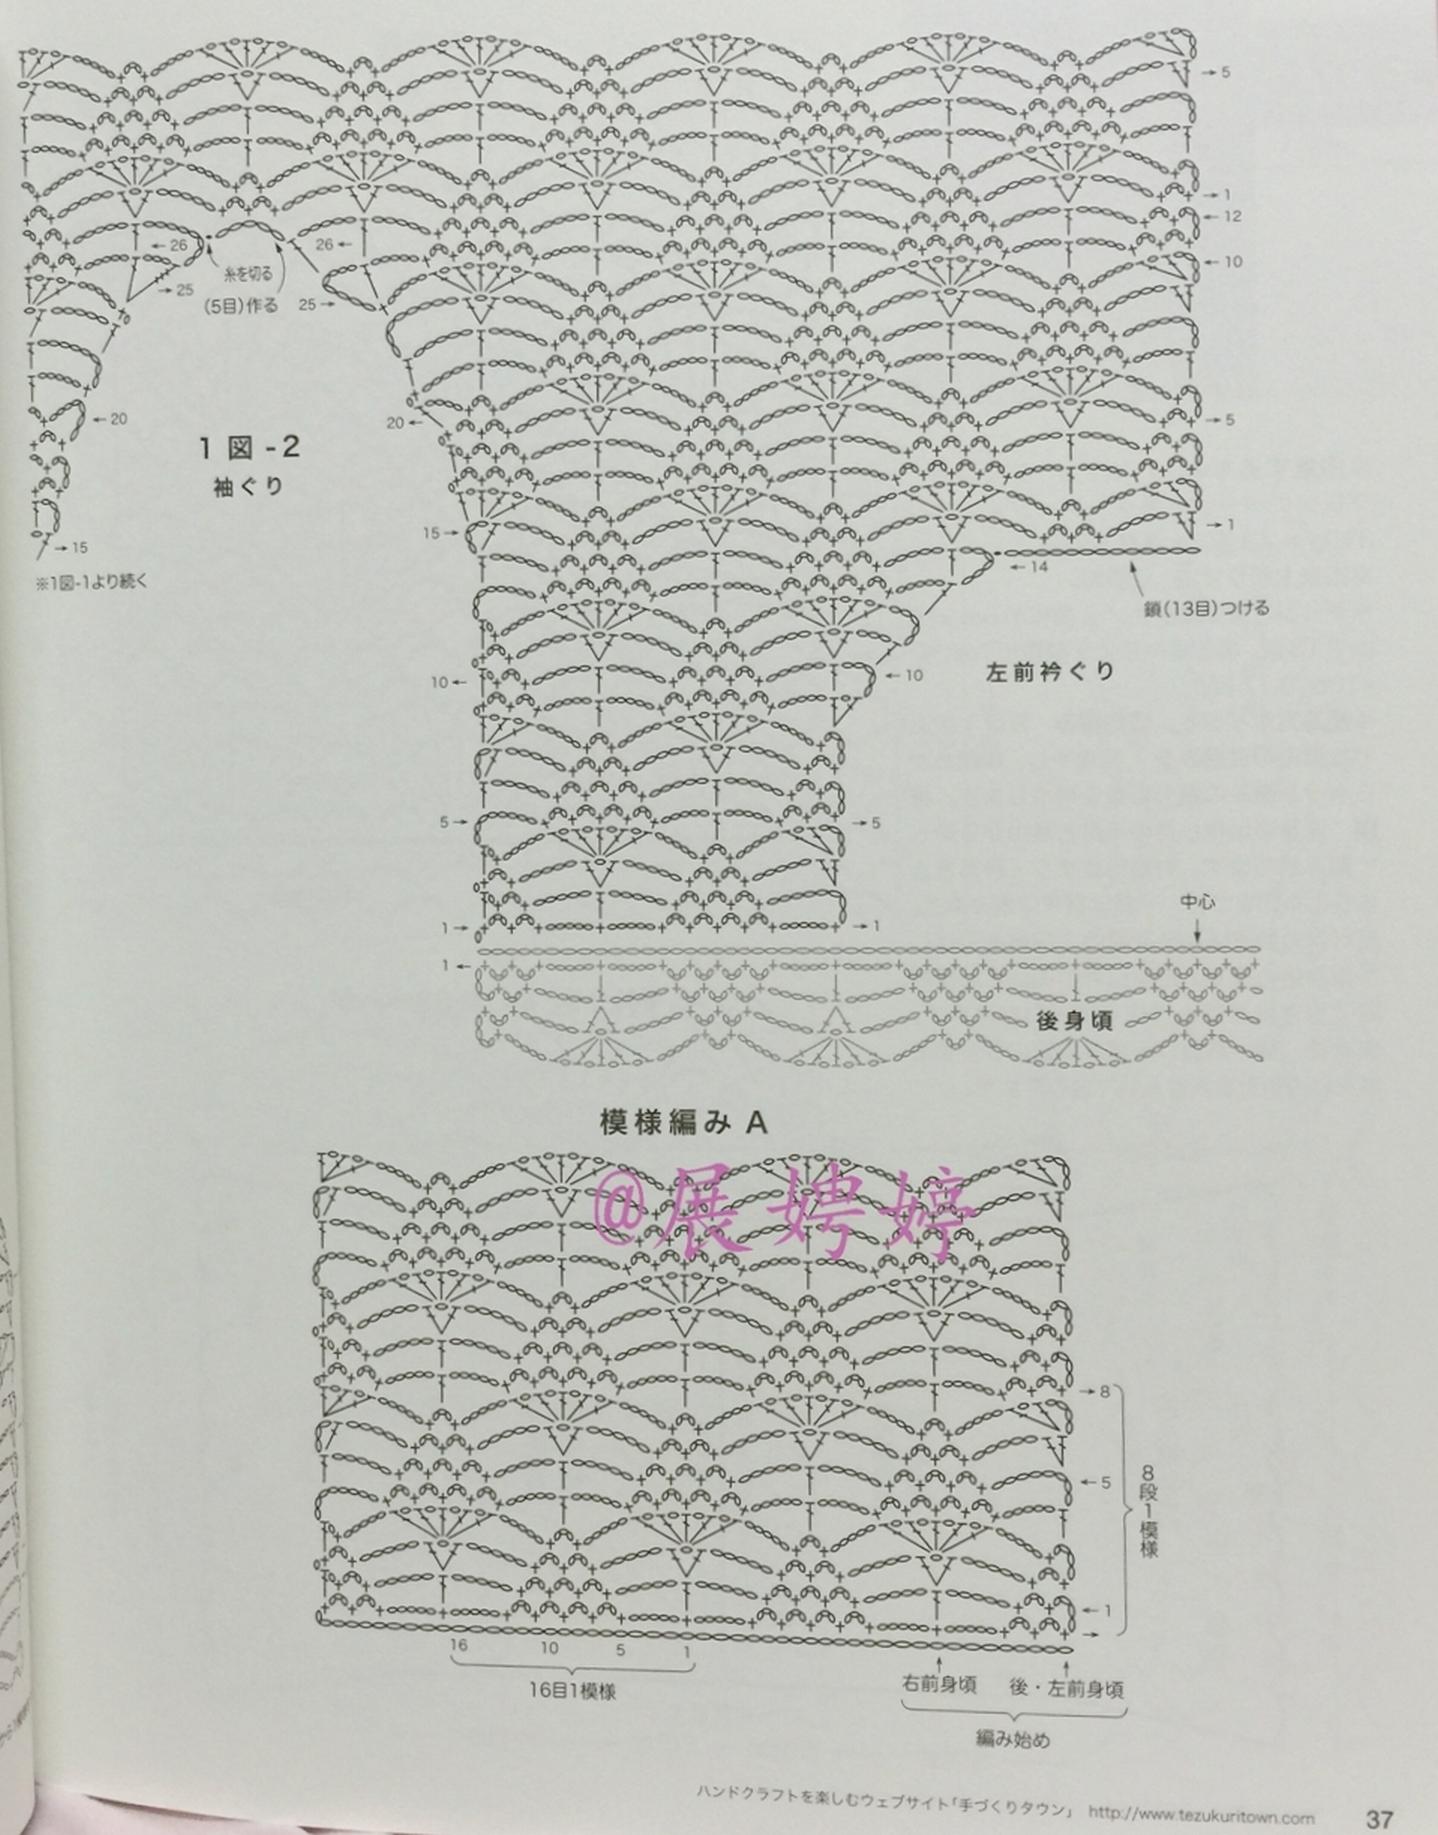 0423_LKS NV80420 (19)